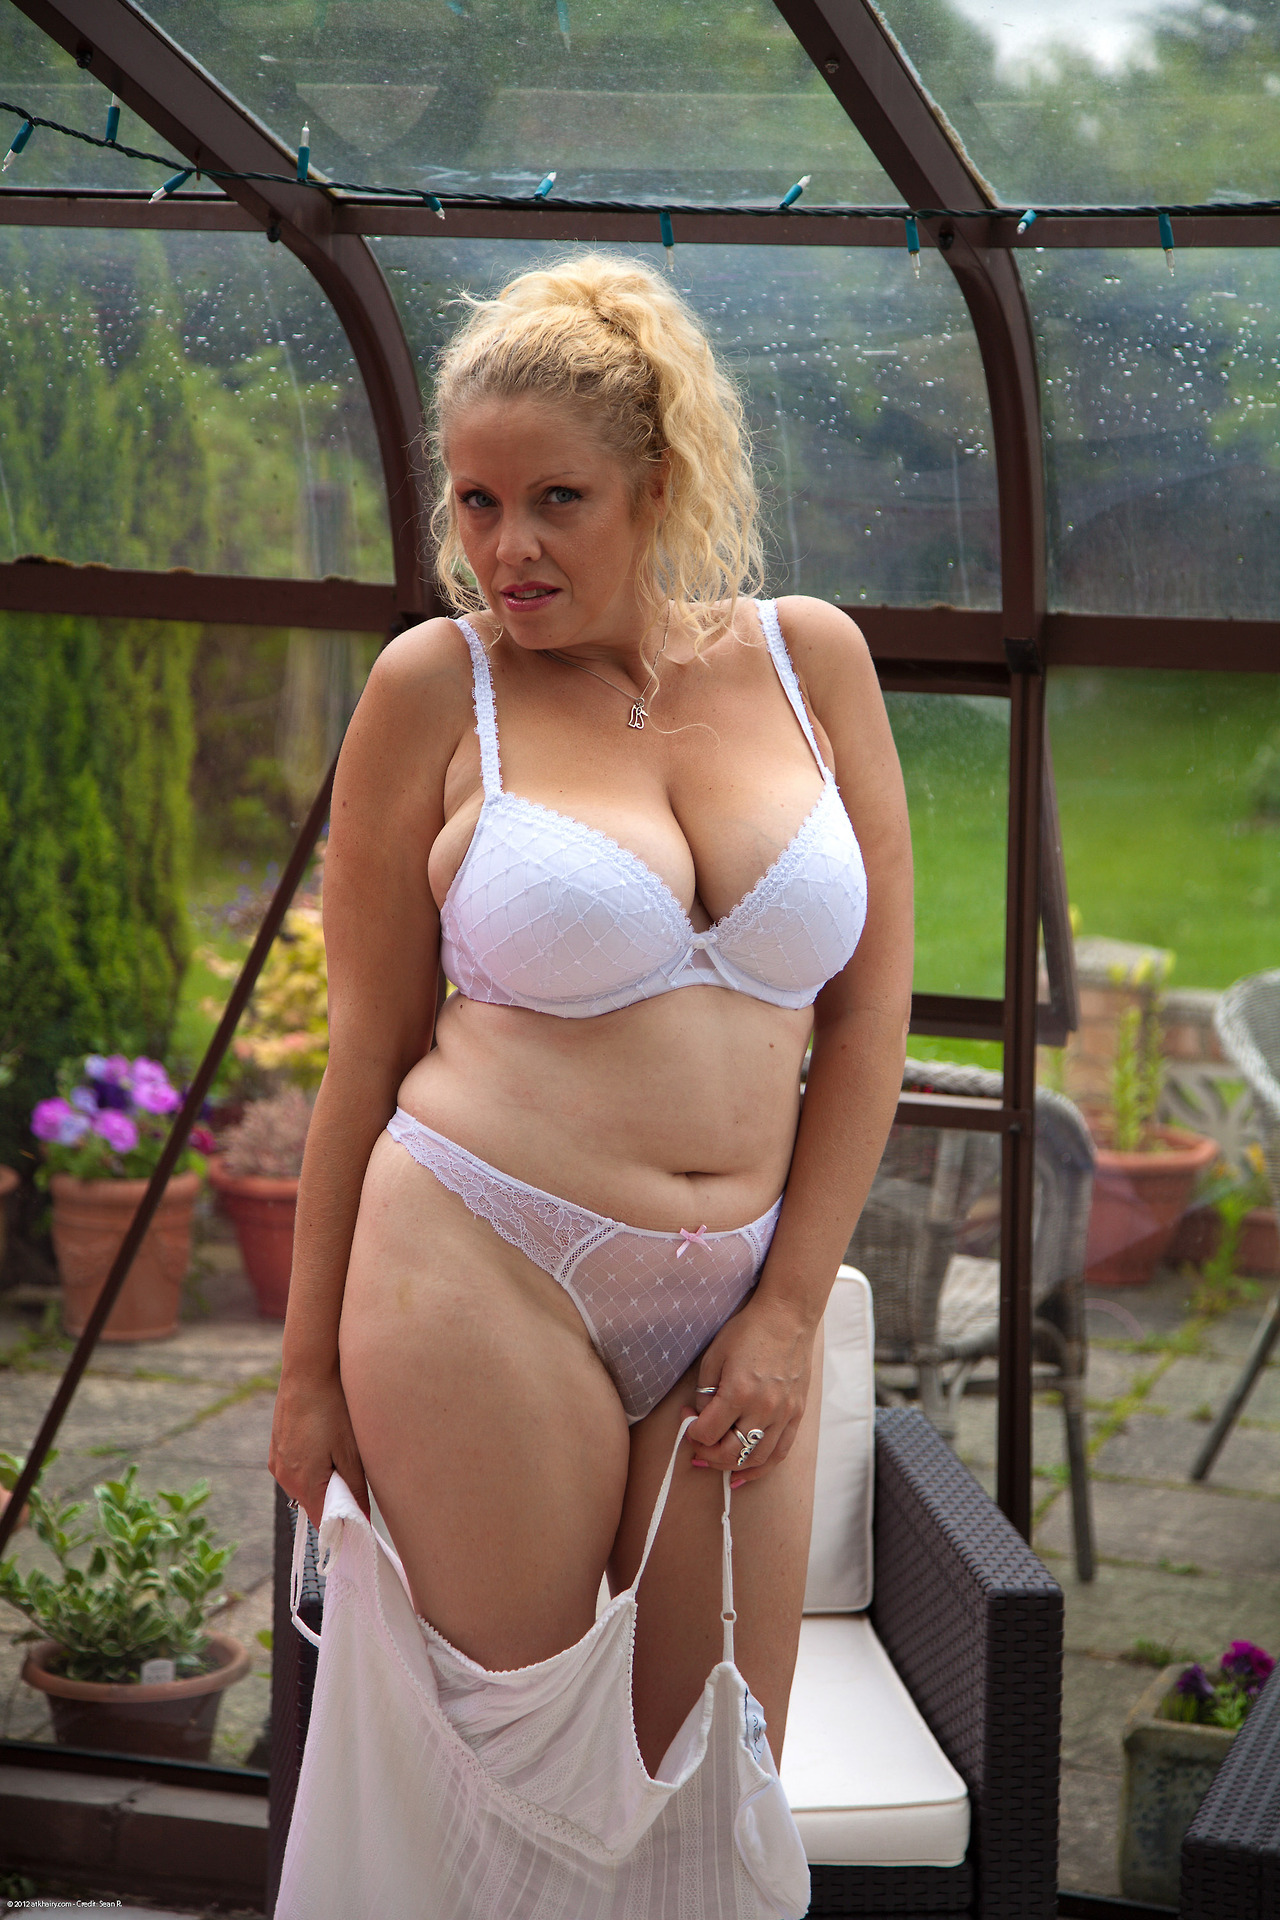 femme plantureuse nue fuck salope